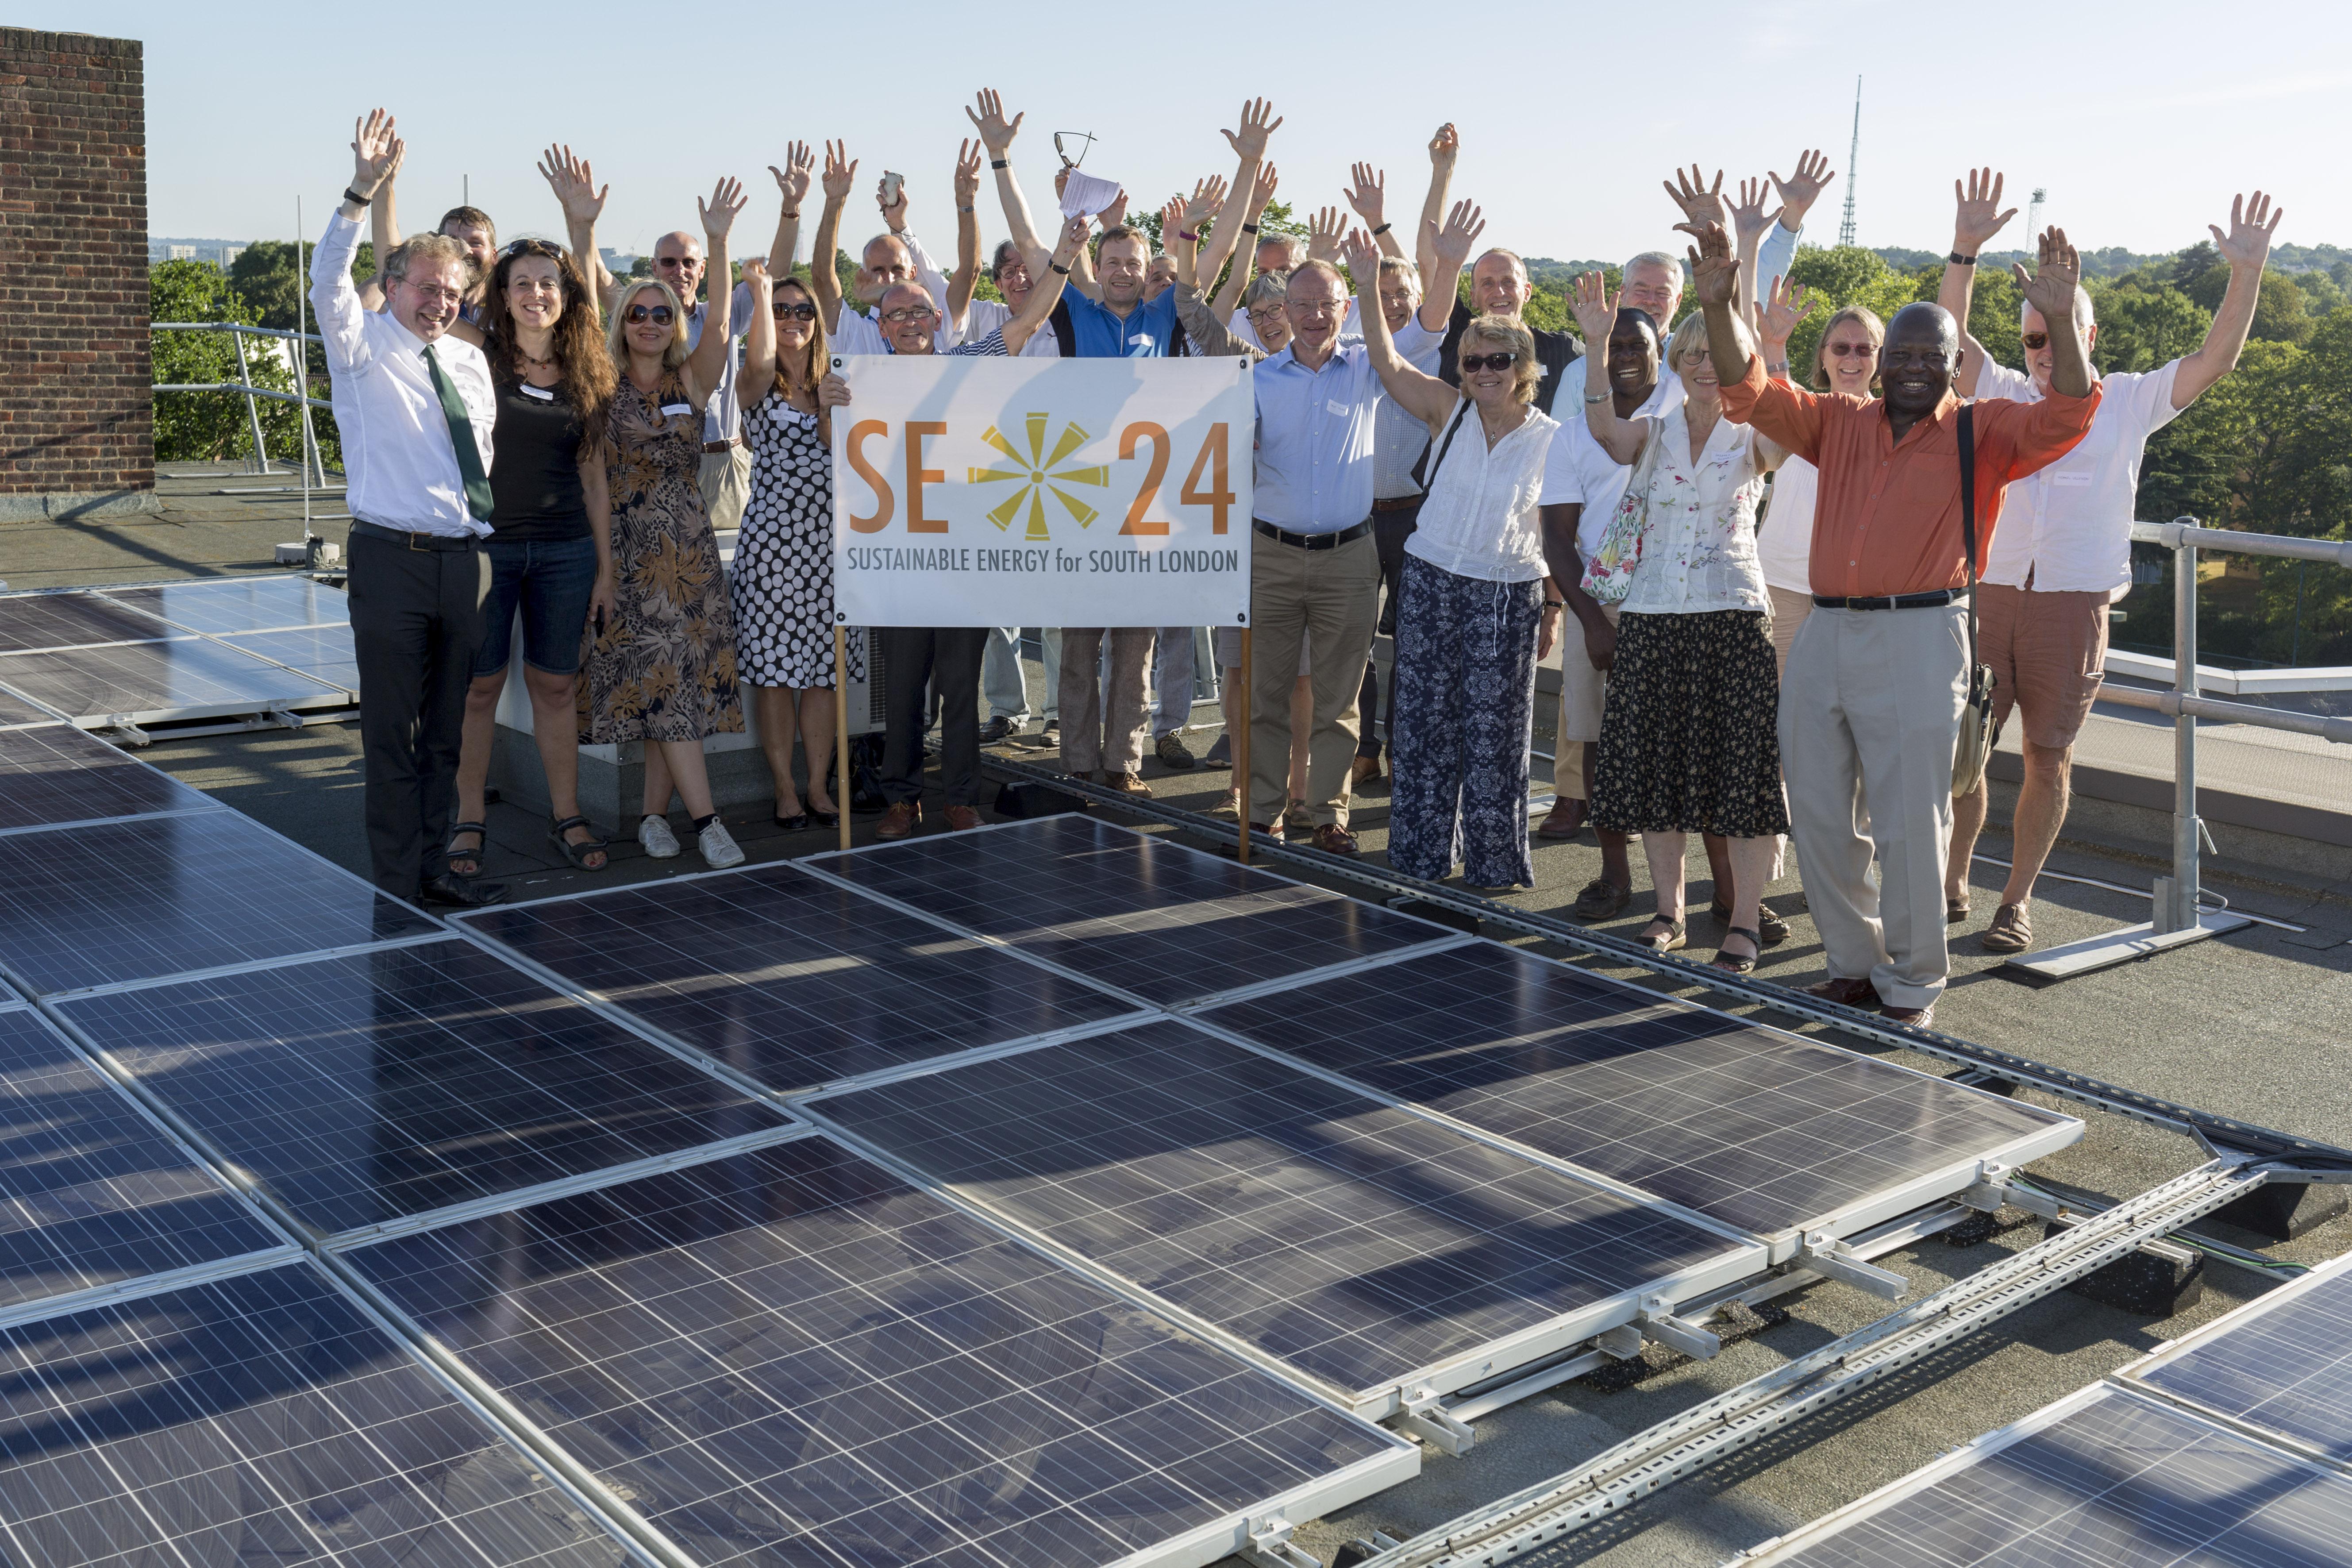 https://www.se24.co.uk/files/2018/08/solar_panels-06-23-07-2018.jpg